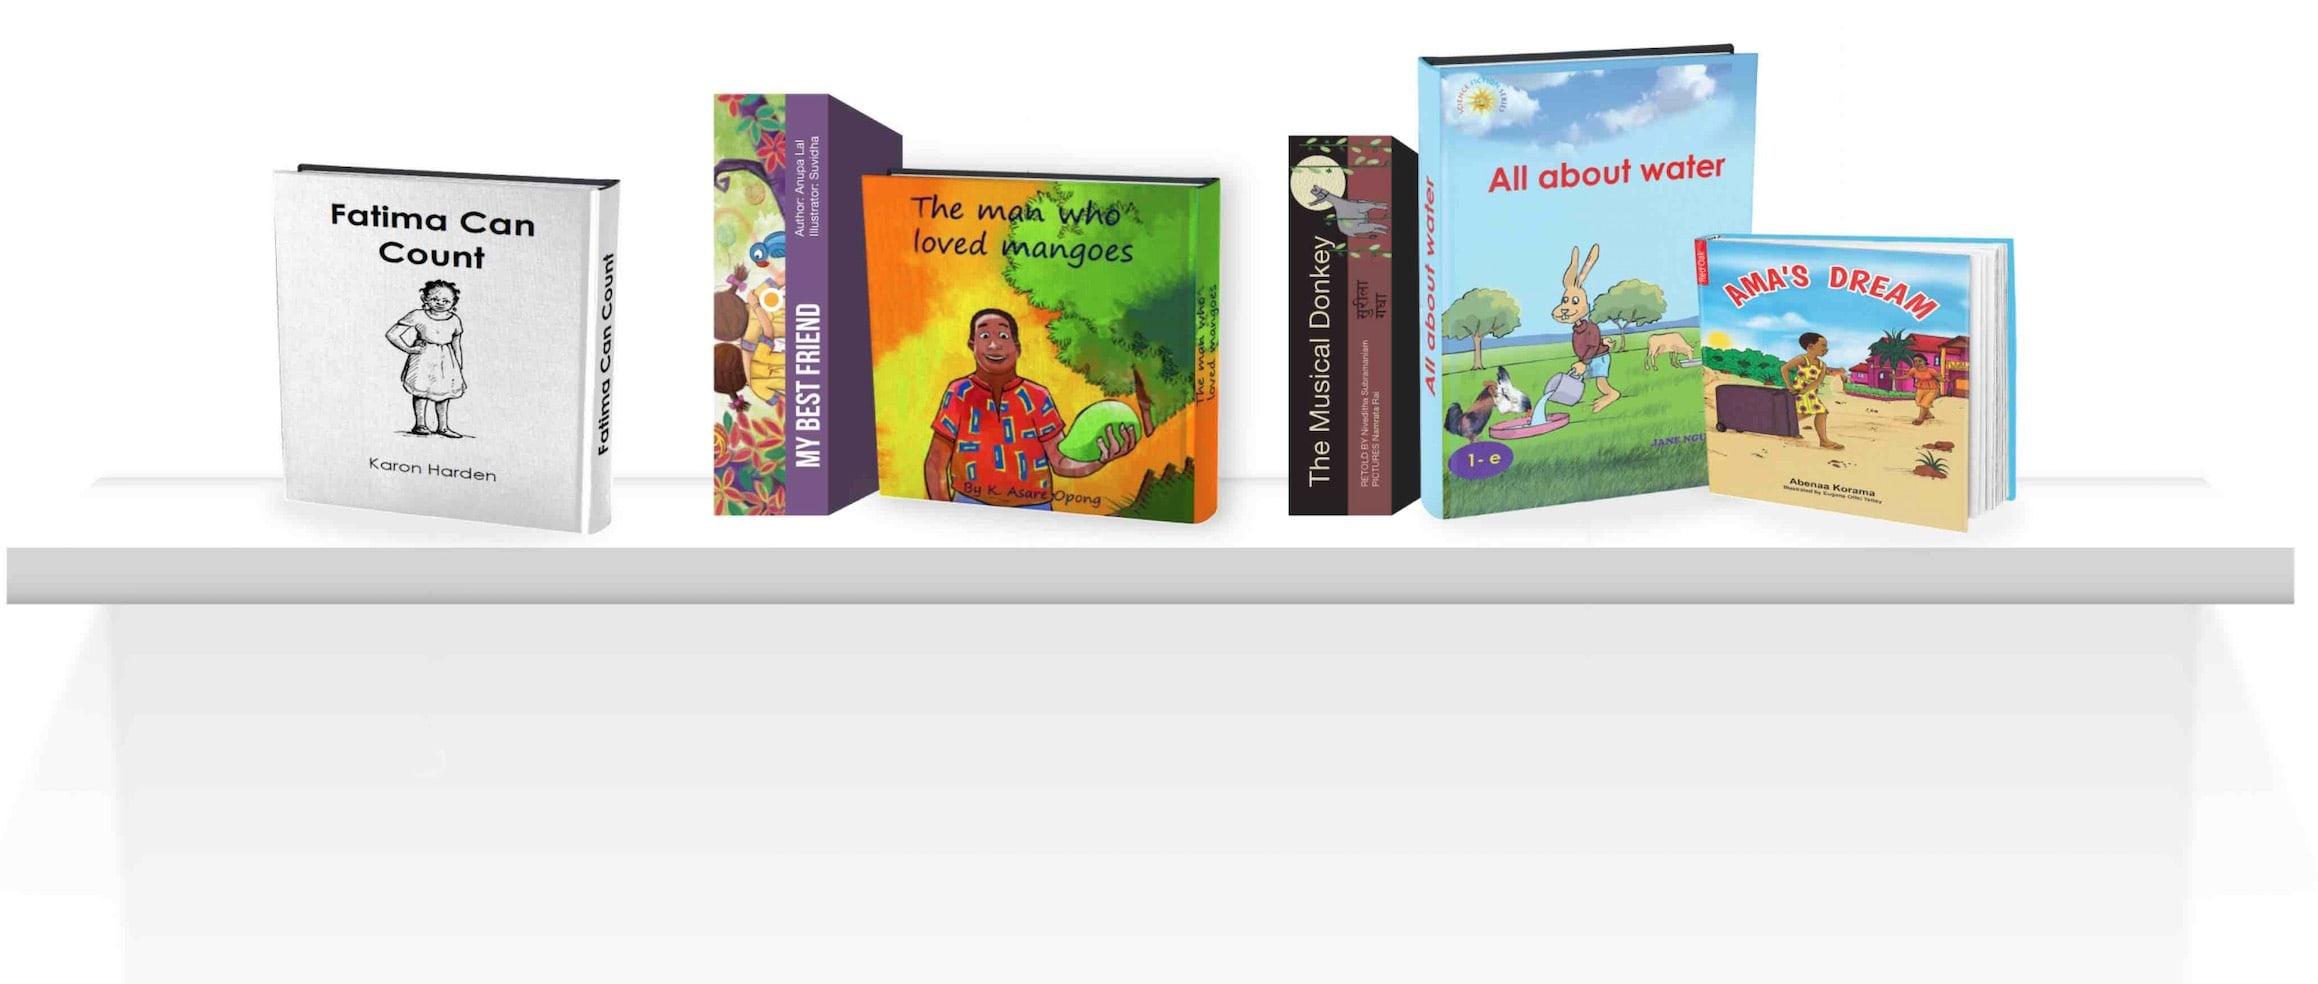 worldreader books